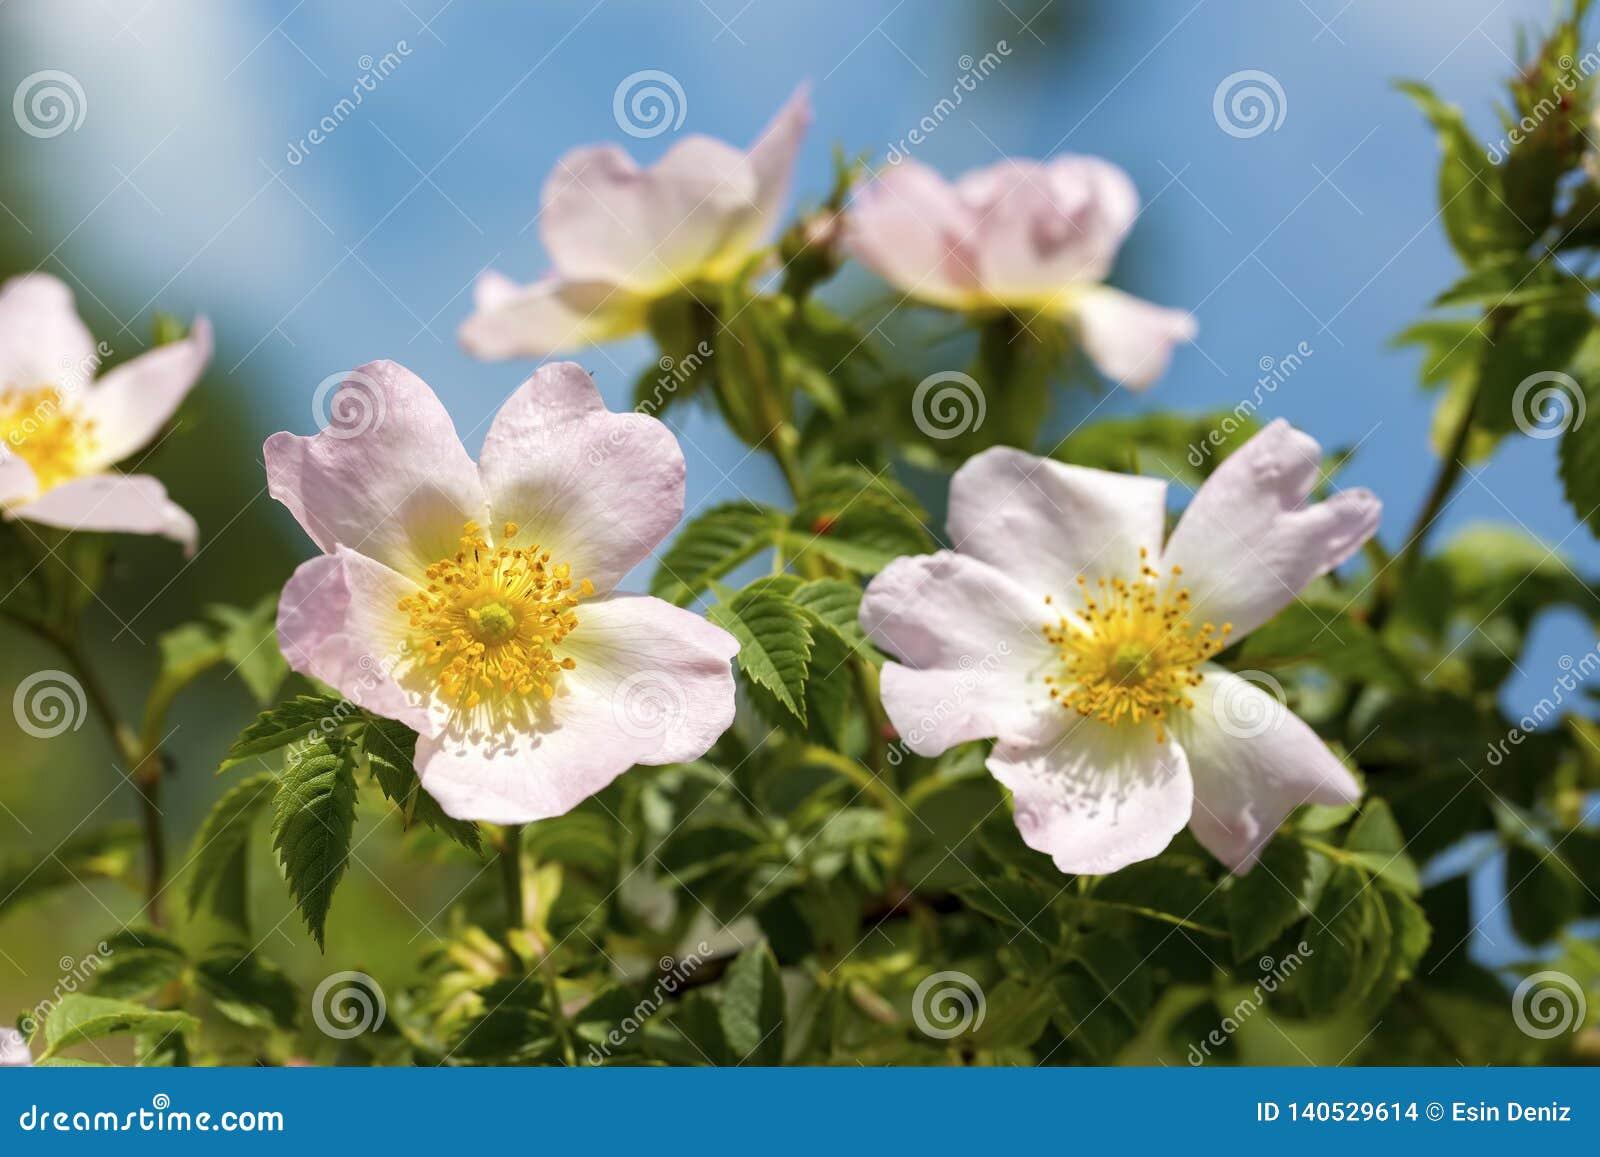 Wilde Rose Rosa-canina met open bloemblaadjes in de lente